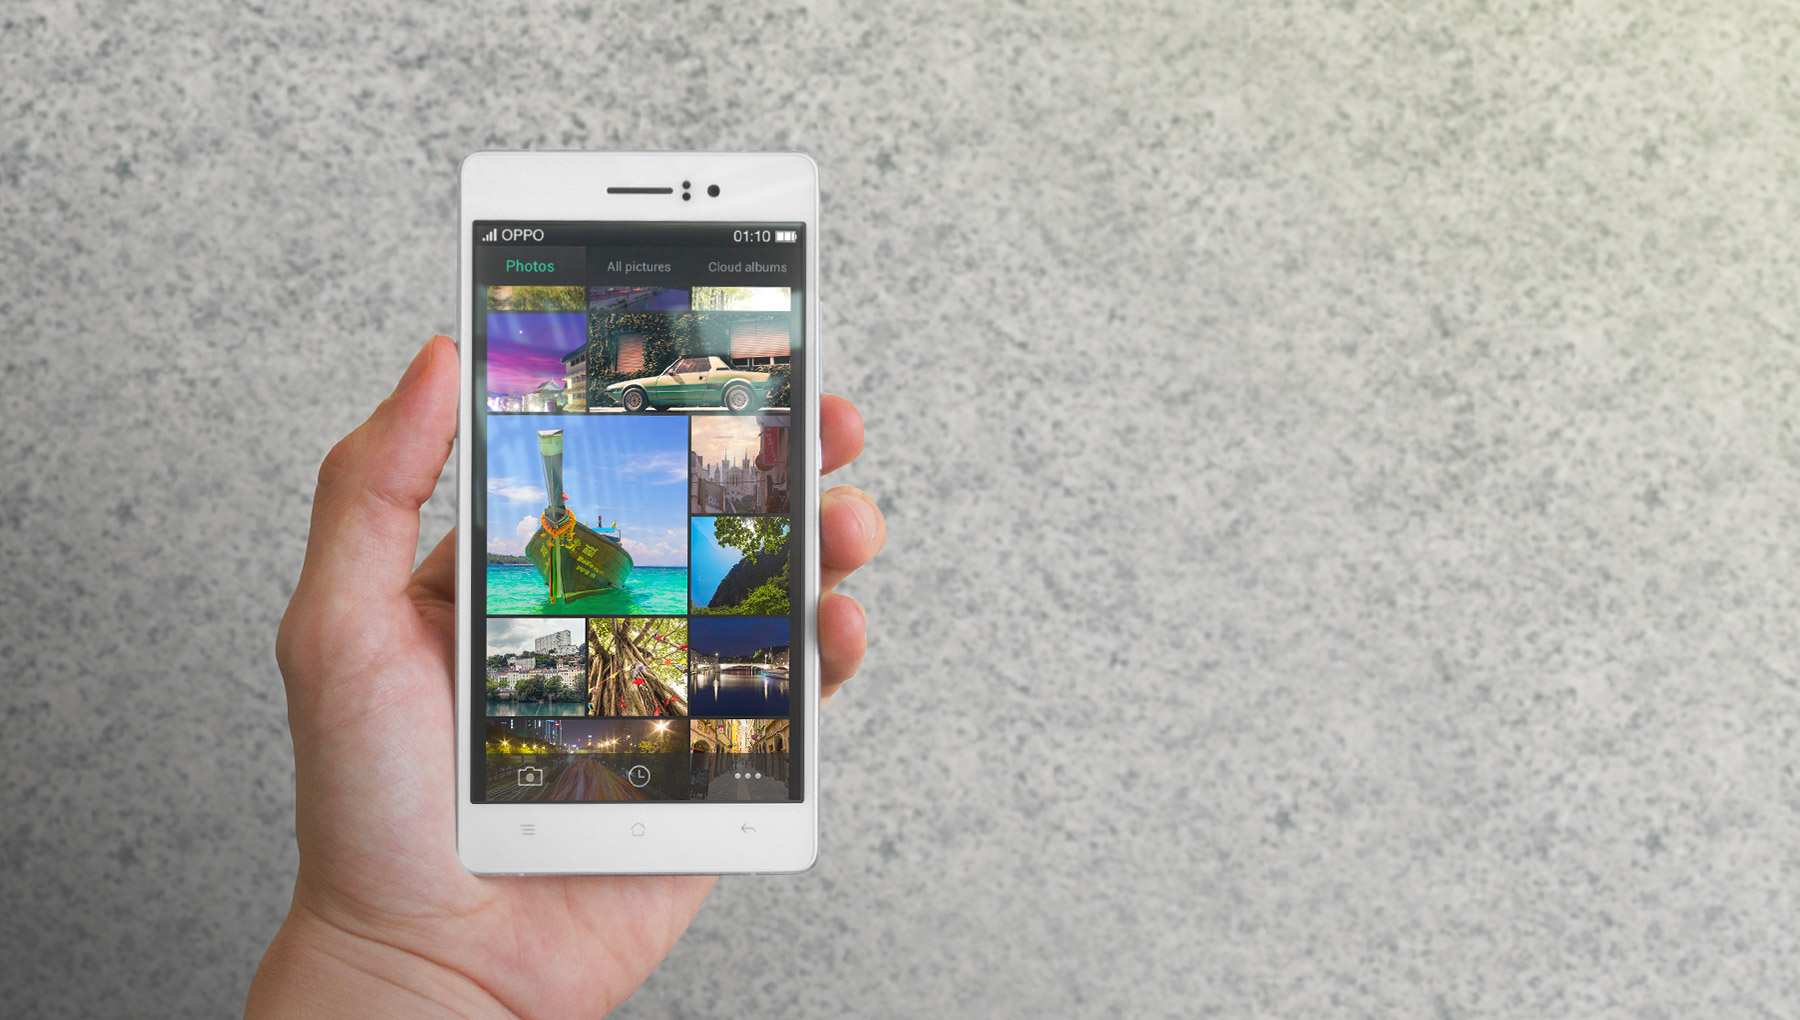 Oppo R5 : c39;est lui, le smartphone le plus fin du monde  FrAndroid